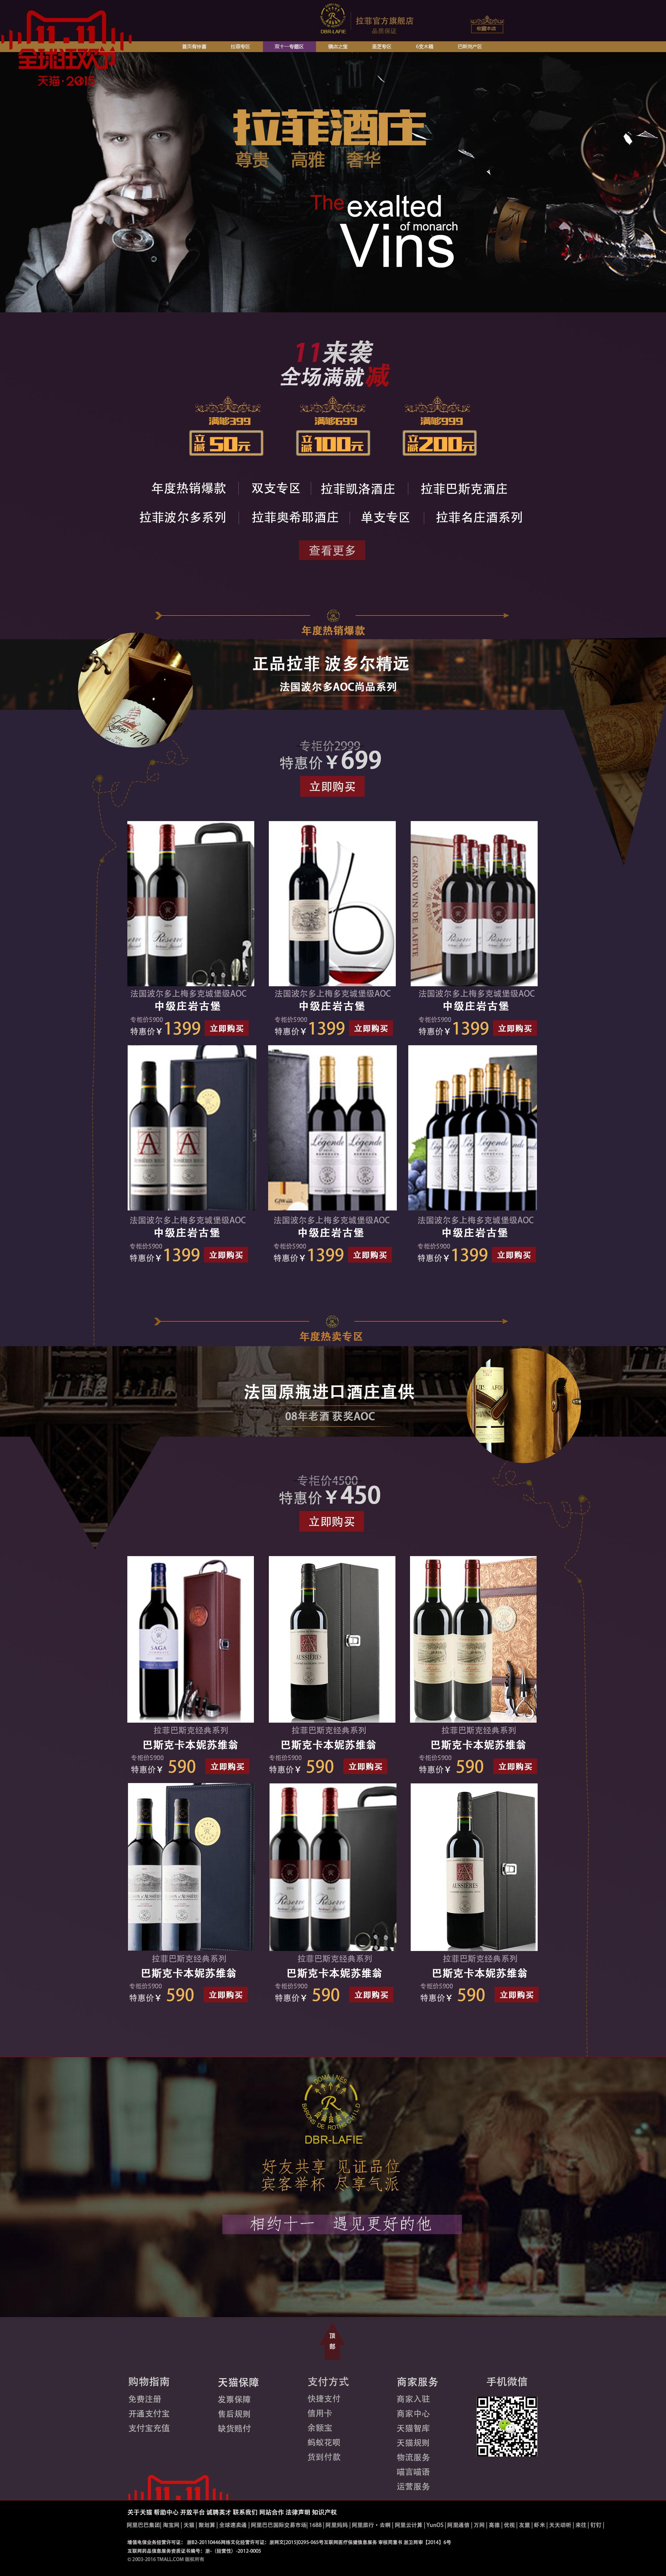 双十一拉菲专题页|网页|电商|caoxiaoyun - 原创作品图片